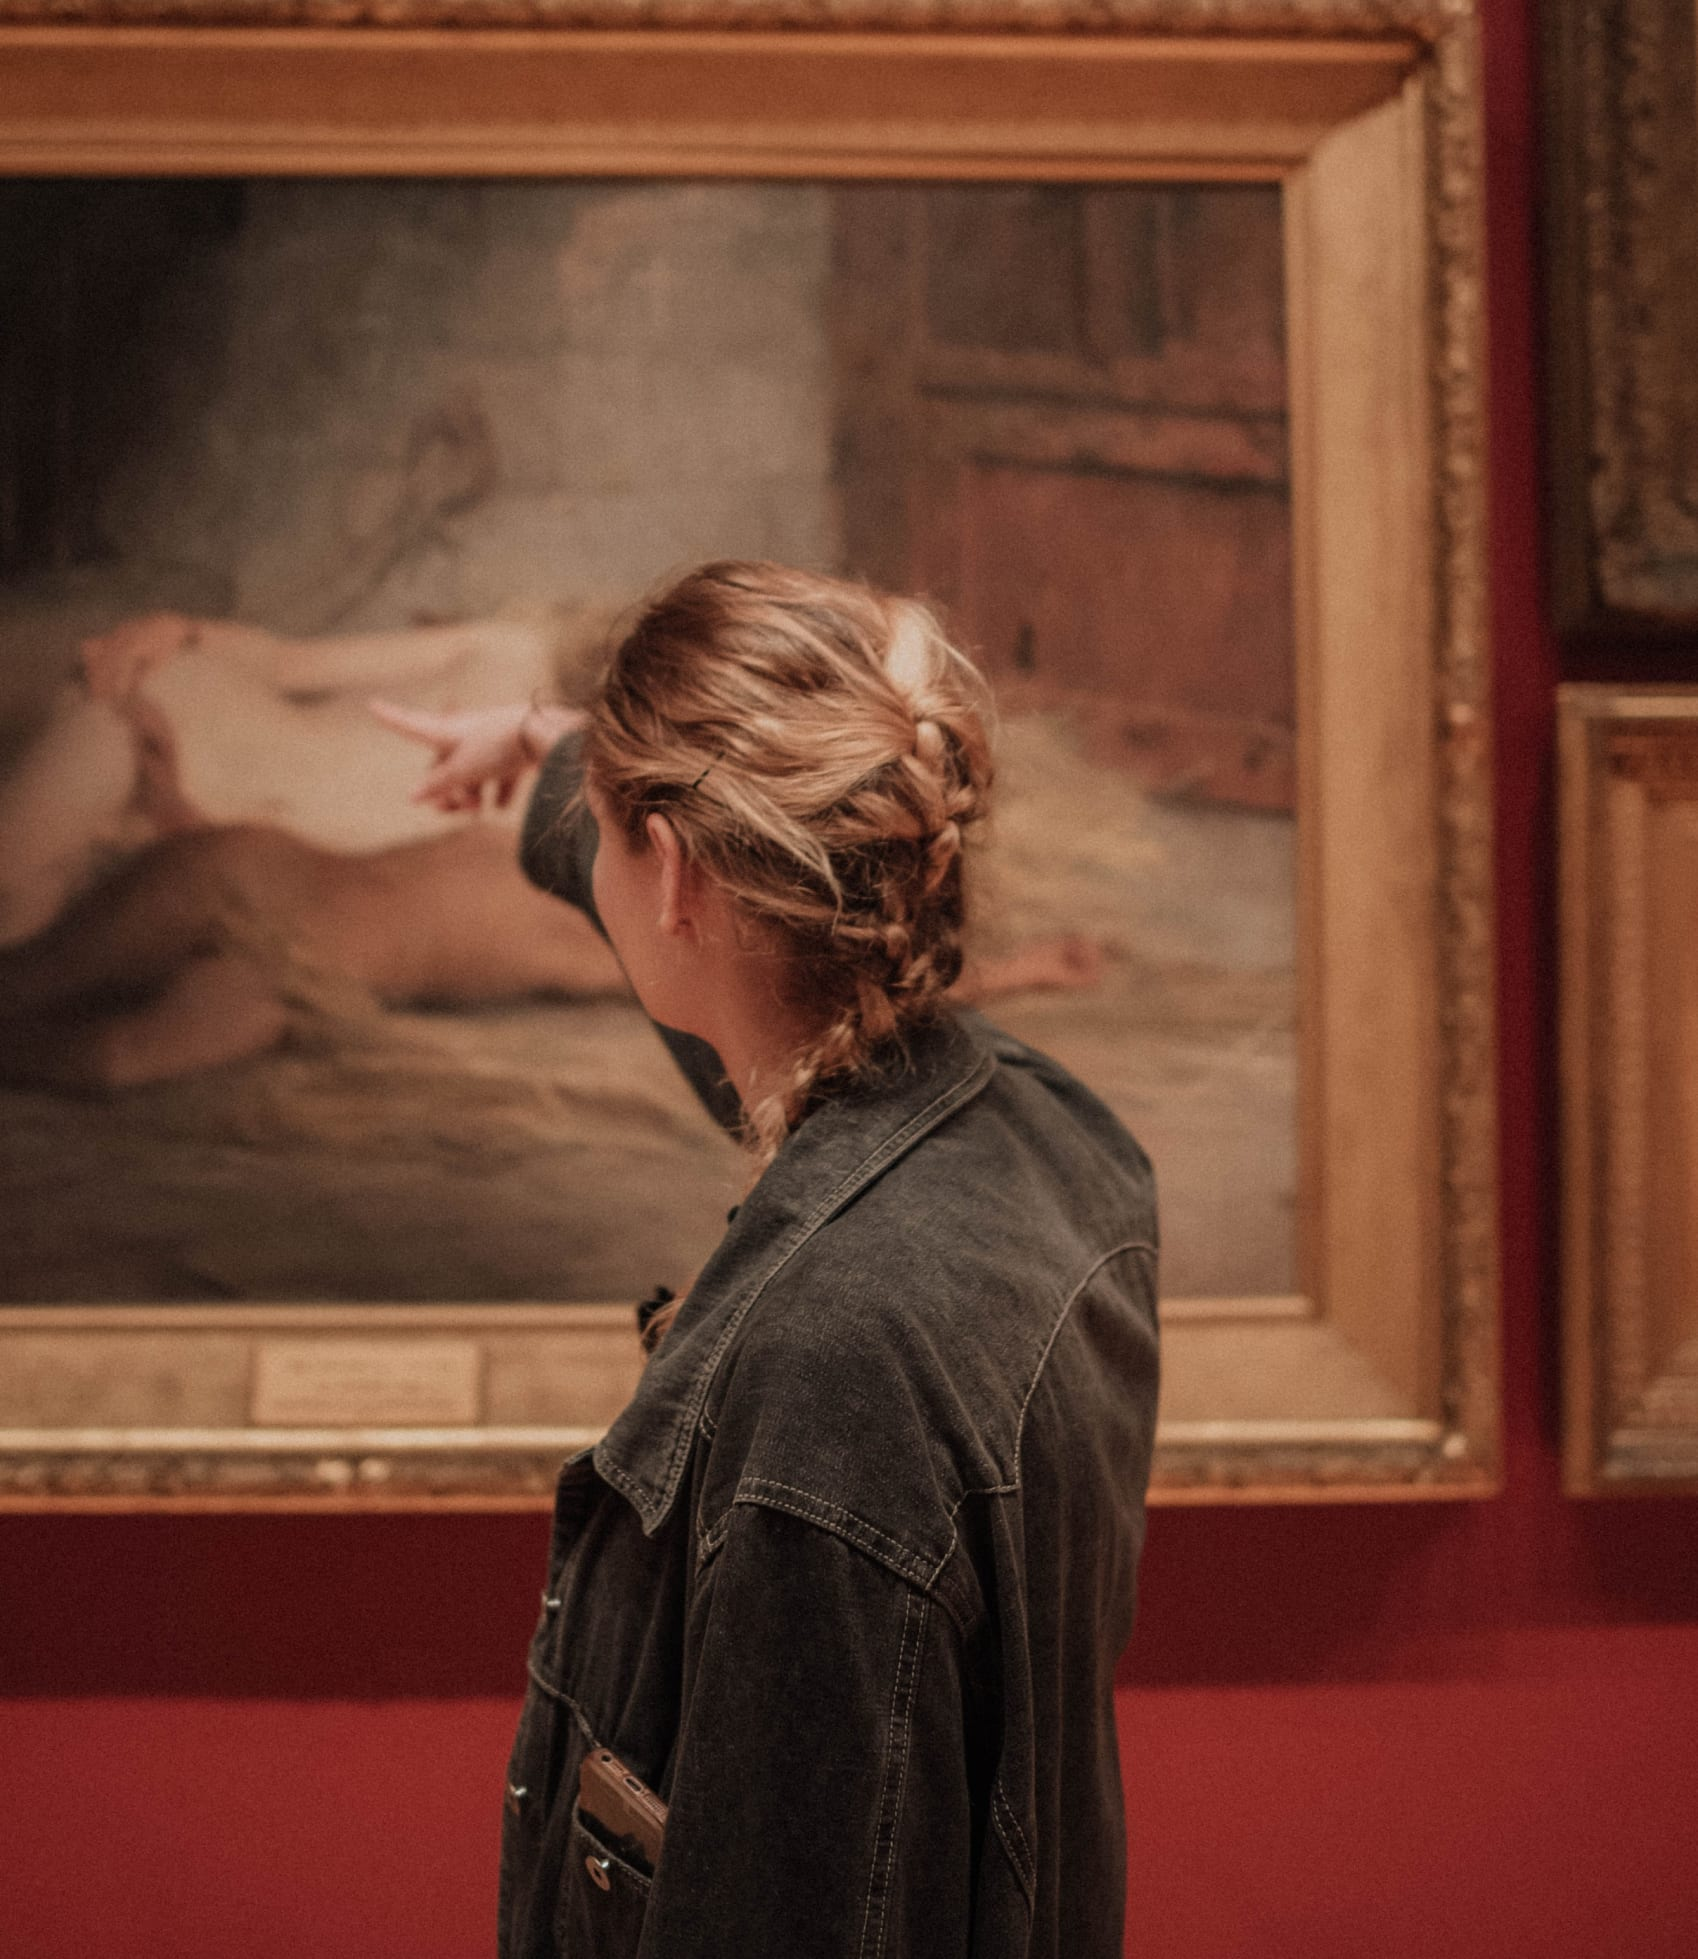 photo d'une femme dans un musée